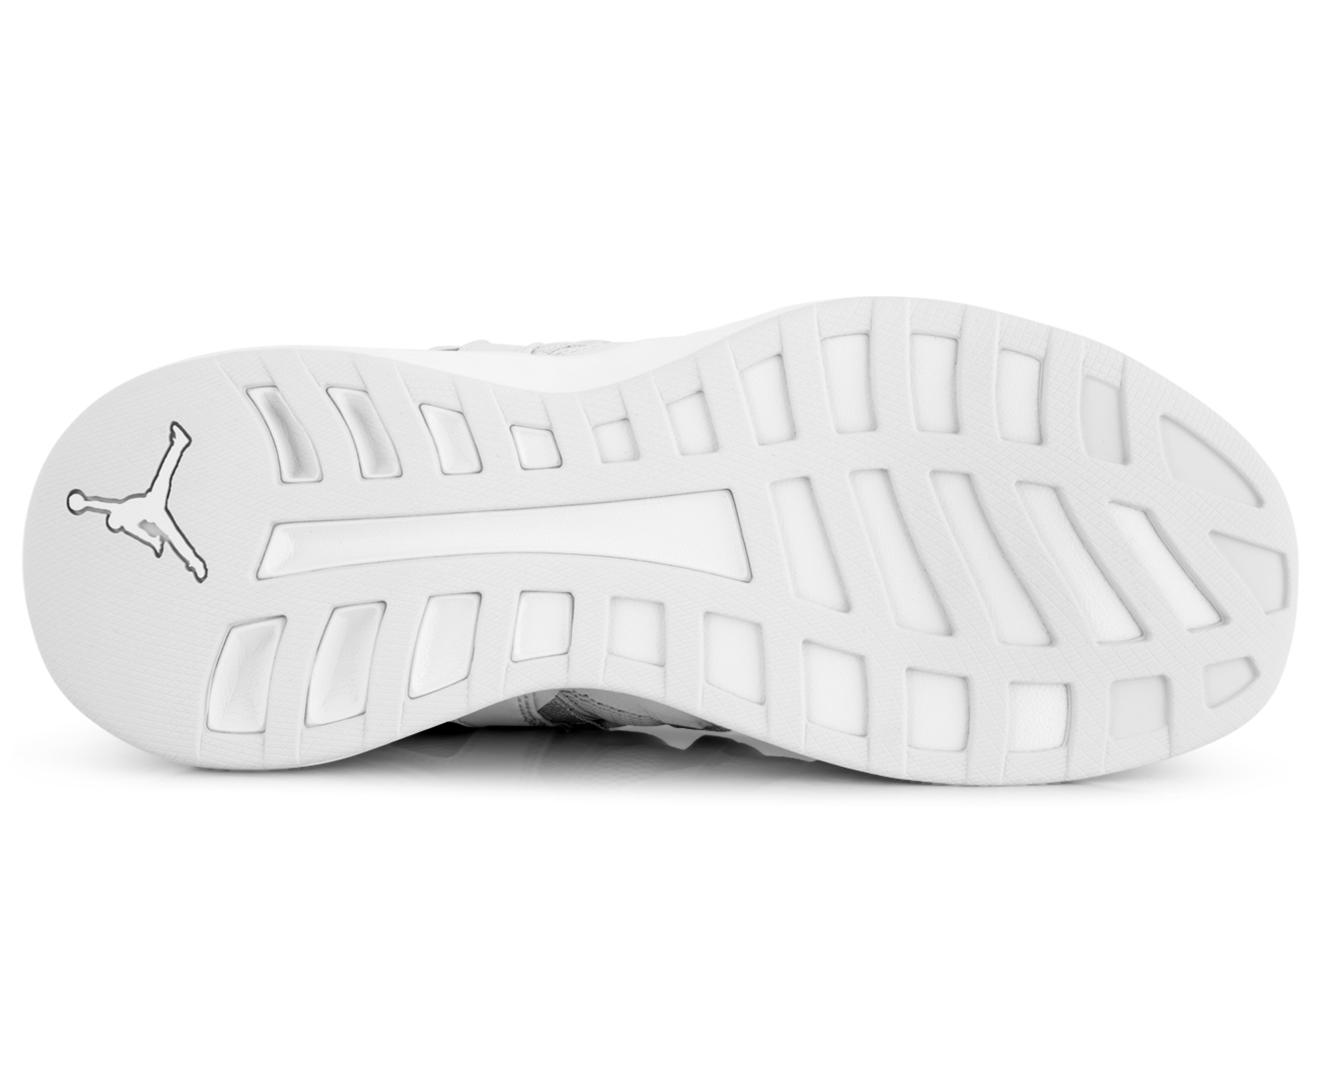 34af815b5af Nike Men s Jordan Formula 23 Low Basketball Shoe - Pure Platinum ...